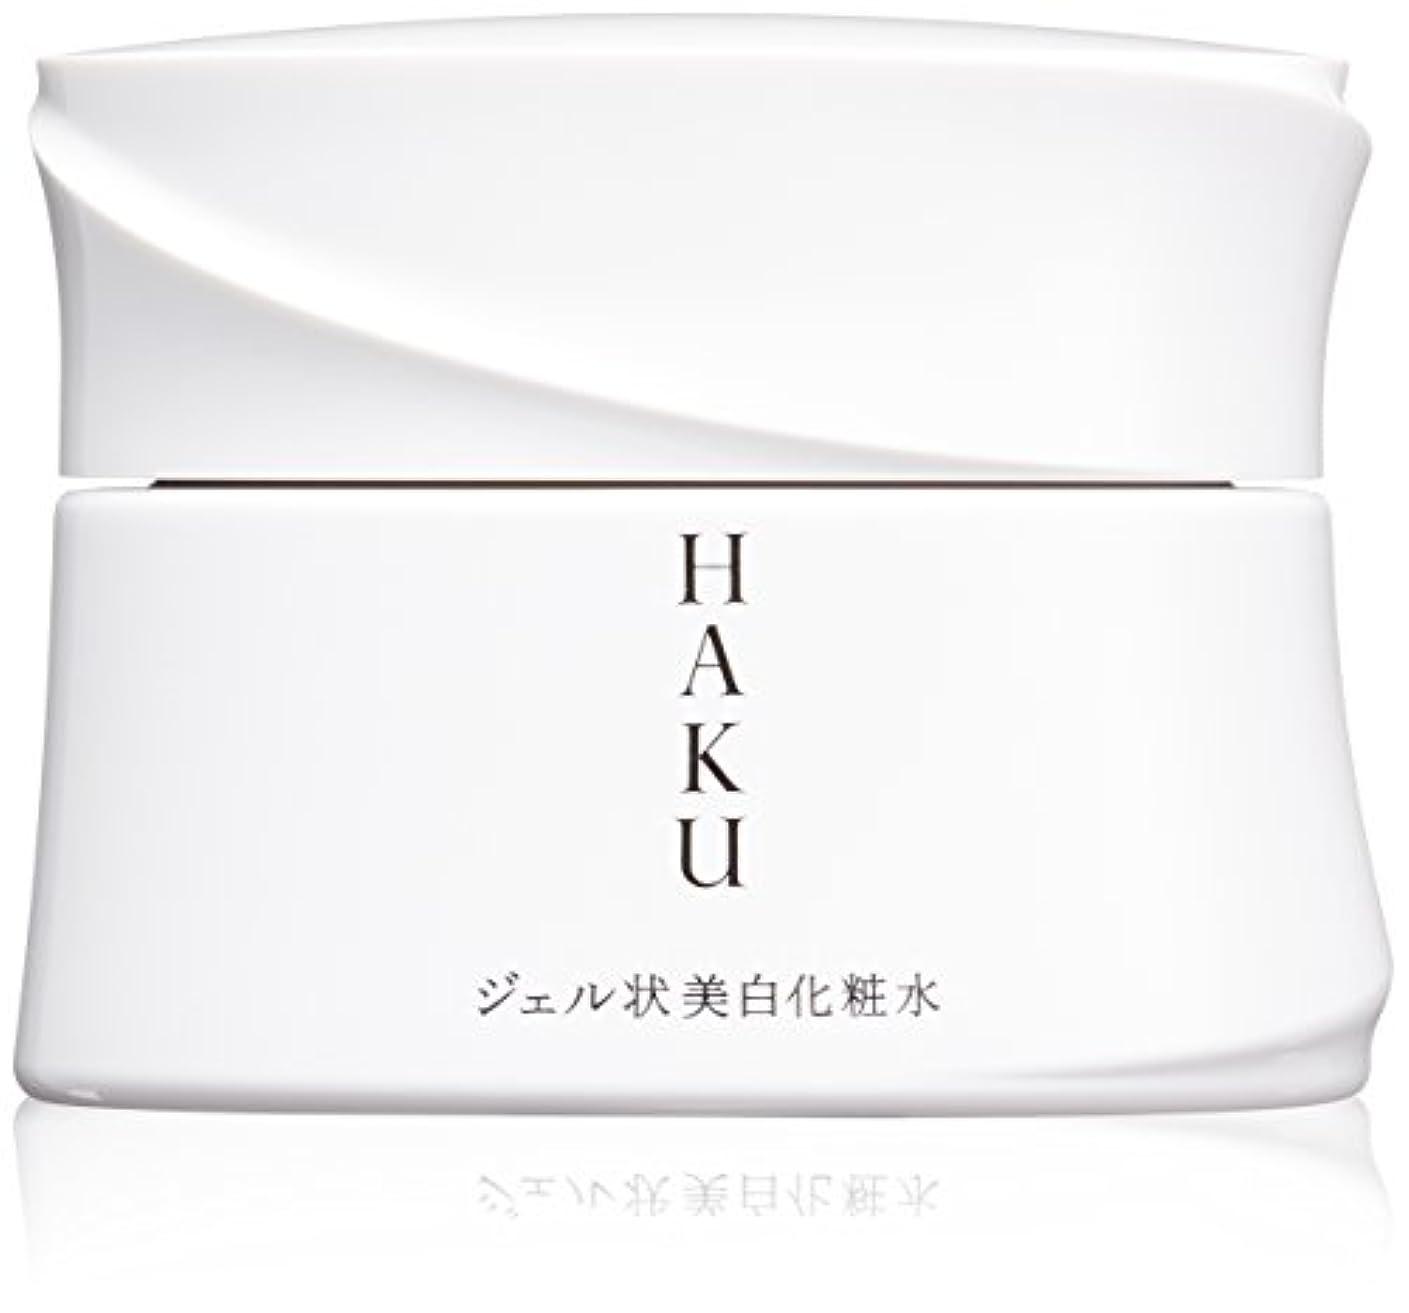 地味な保護並外れてHAKU メラノディープモイスチャー 美白化粧水 100g 【医薬部外品】